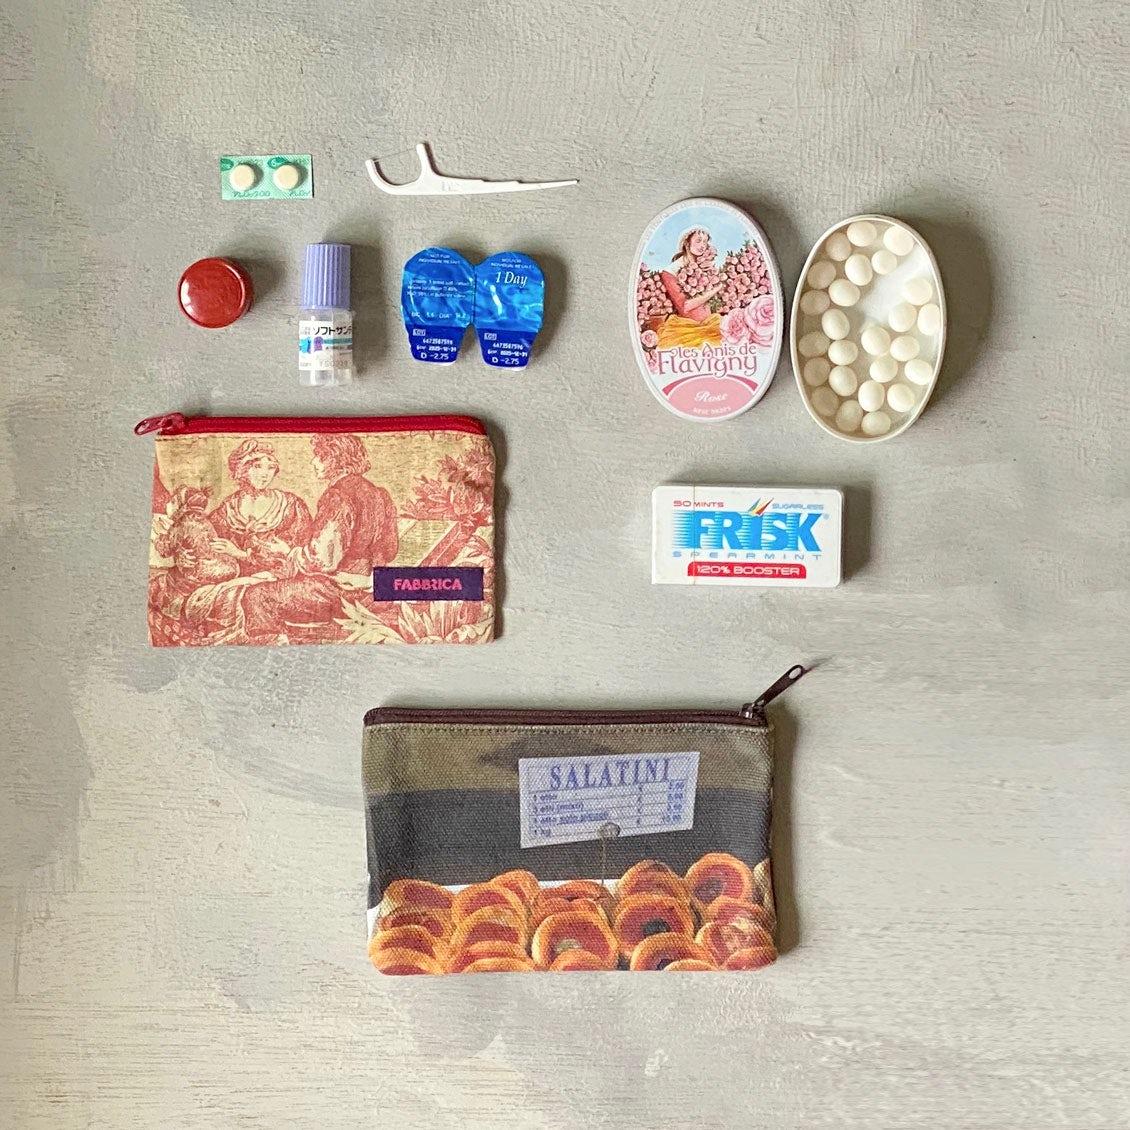 【あの人のバッグ】荷物は多め。料理研究家さんの大きめバッグとその中身(口尾麻美さん)